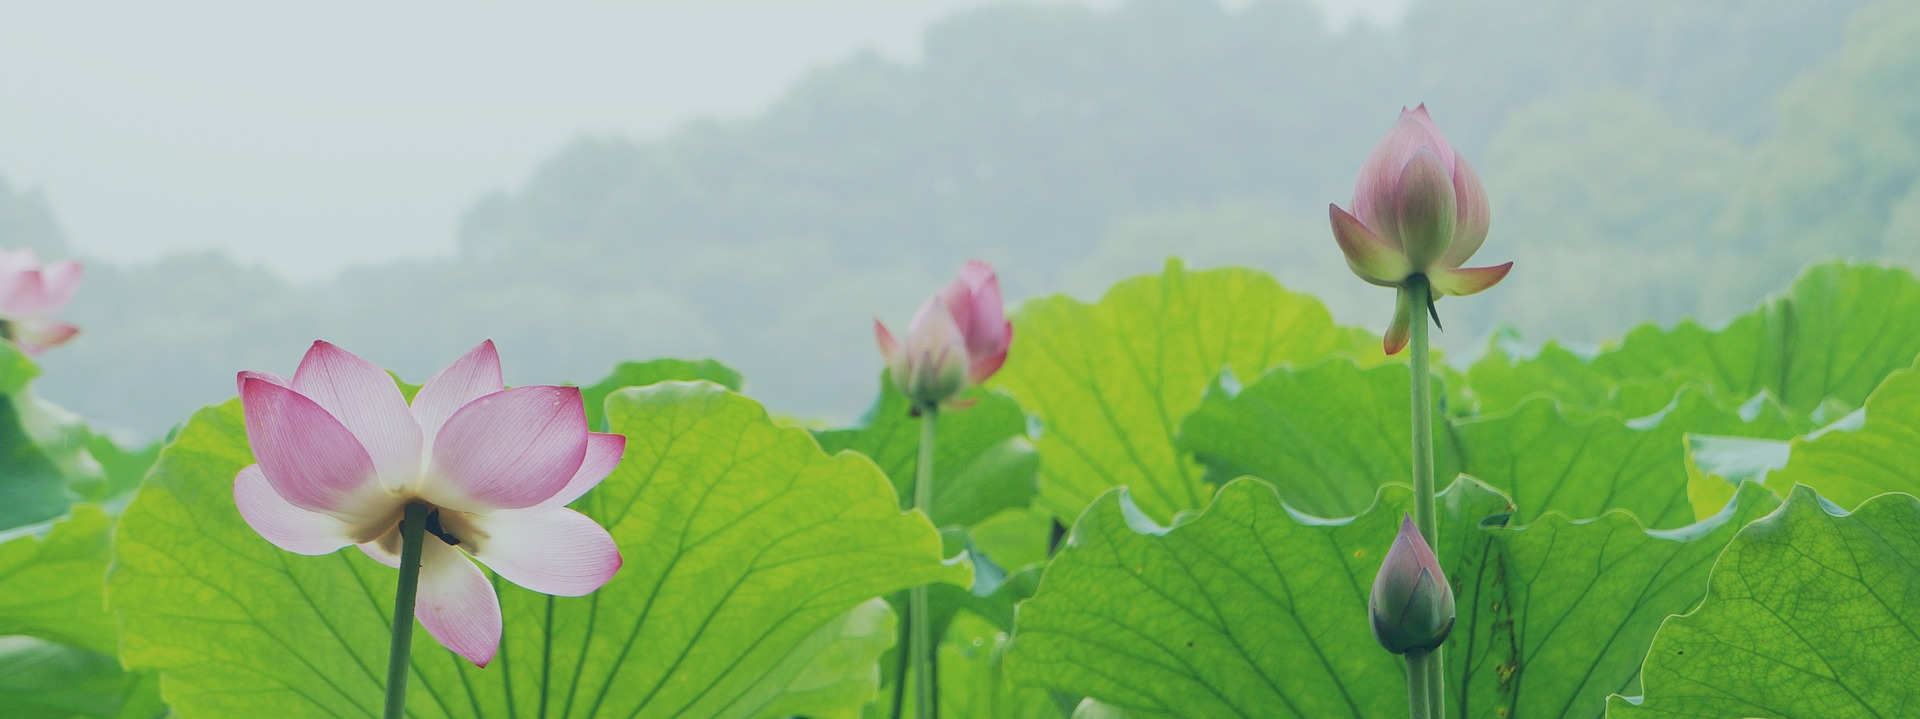 lotus-flower-lake.jpg